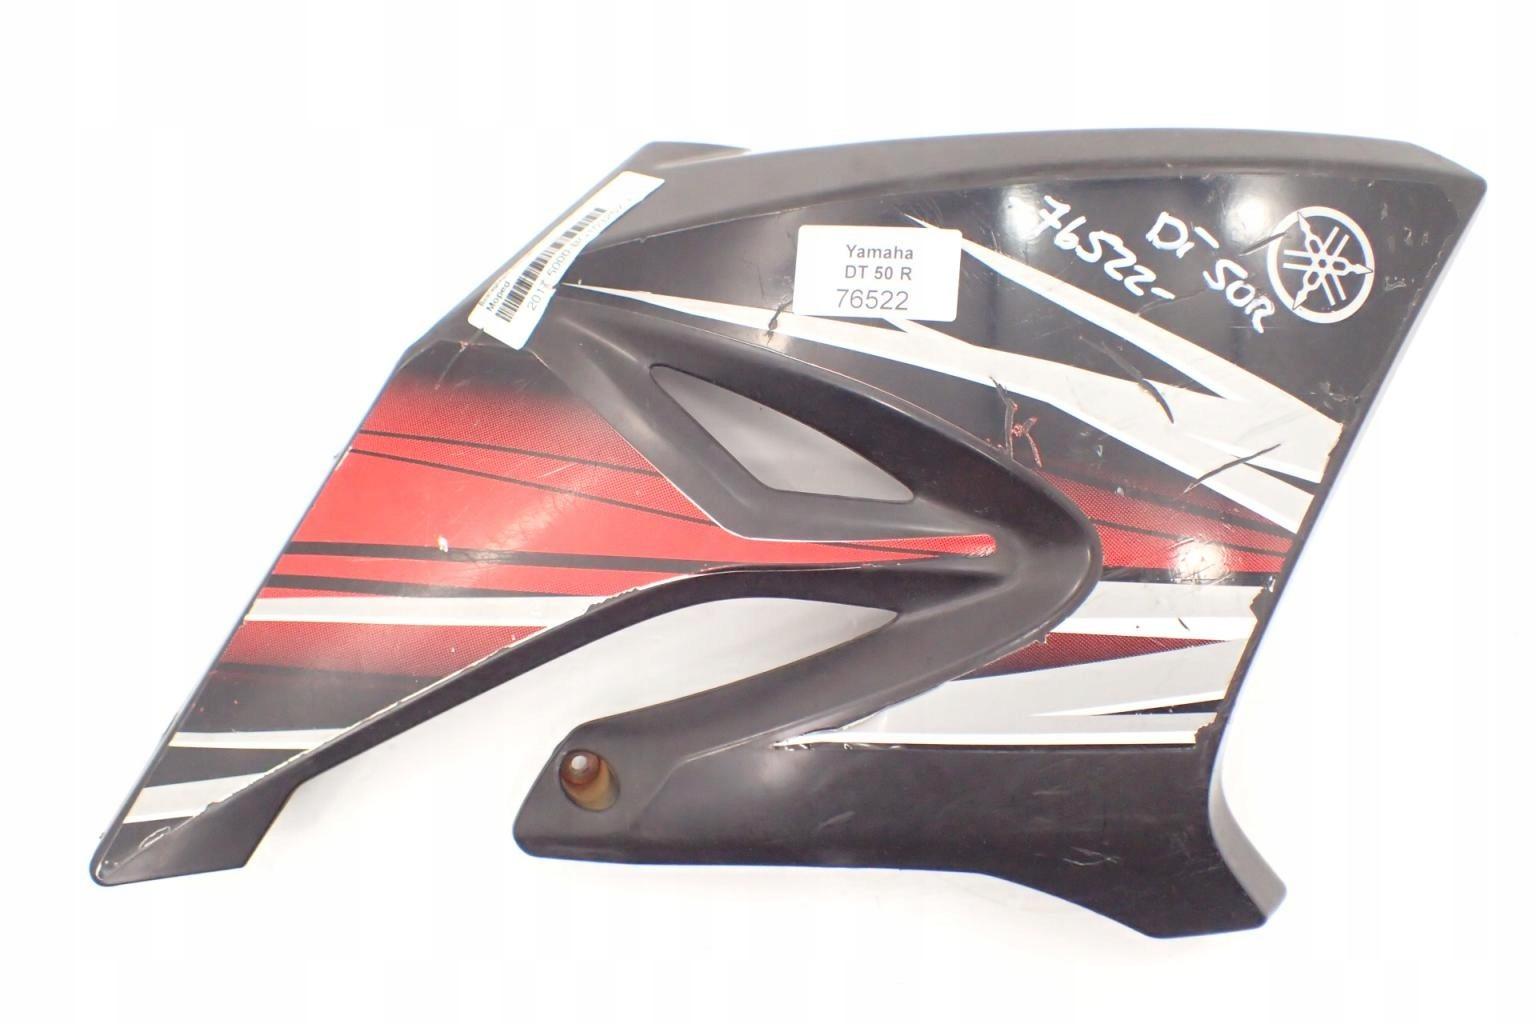 Bok [P] przód osłona owiewka Yamaha DT 50 R X-Limi